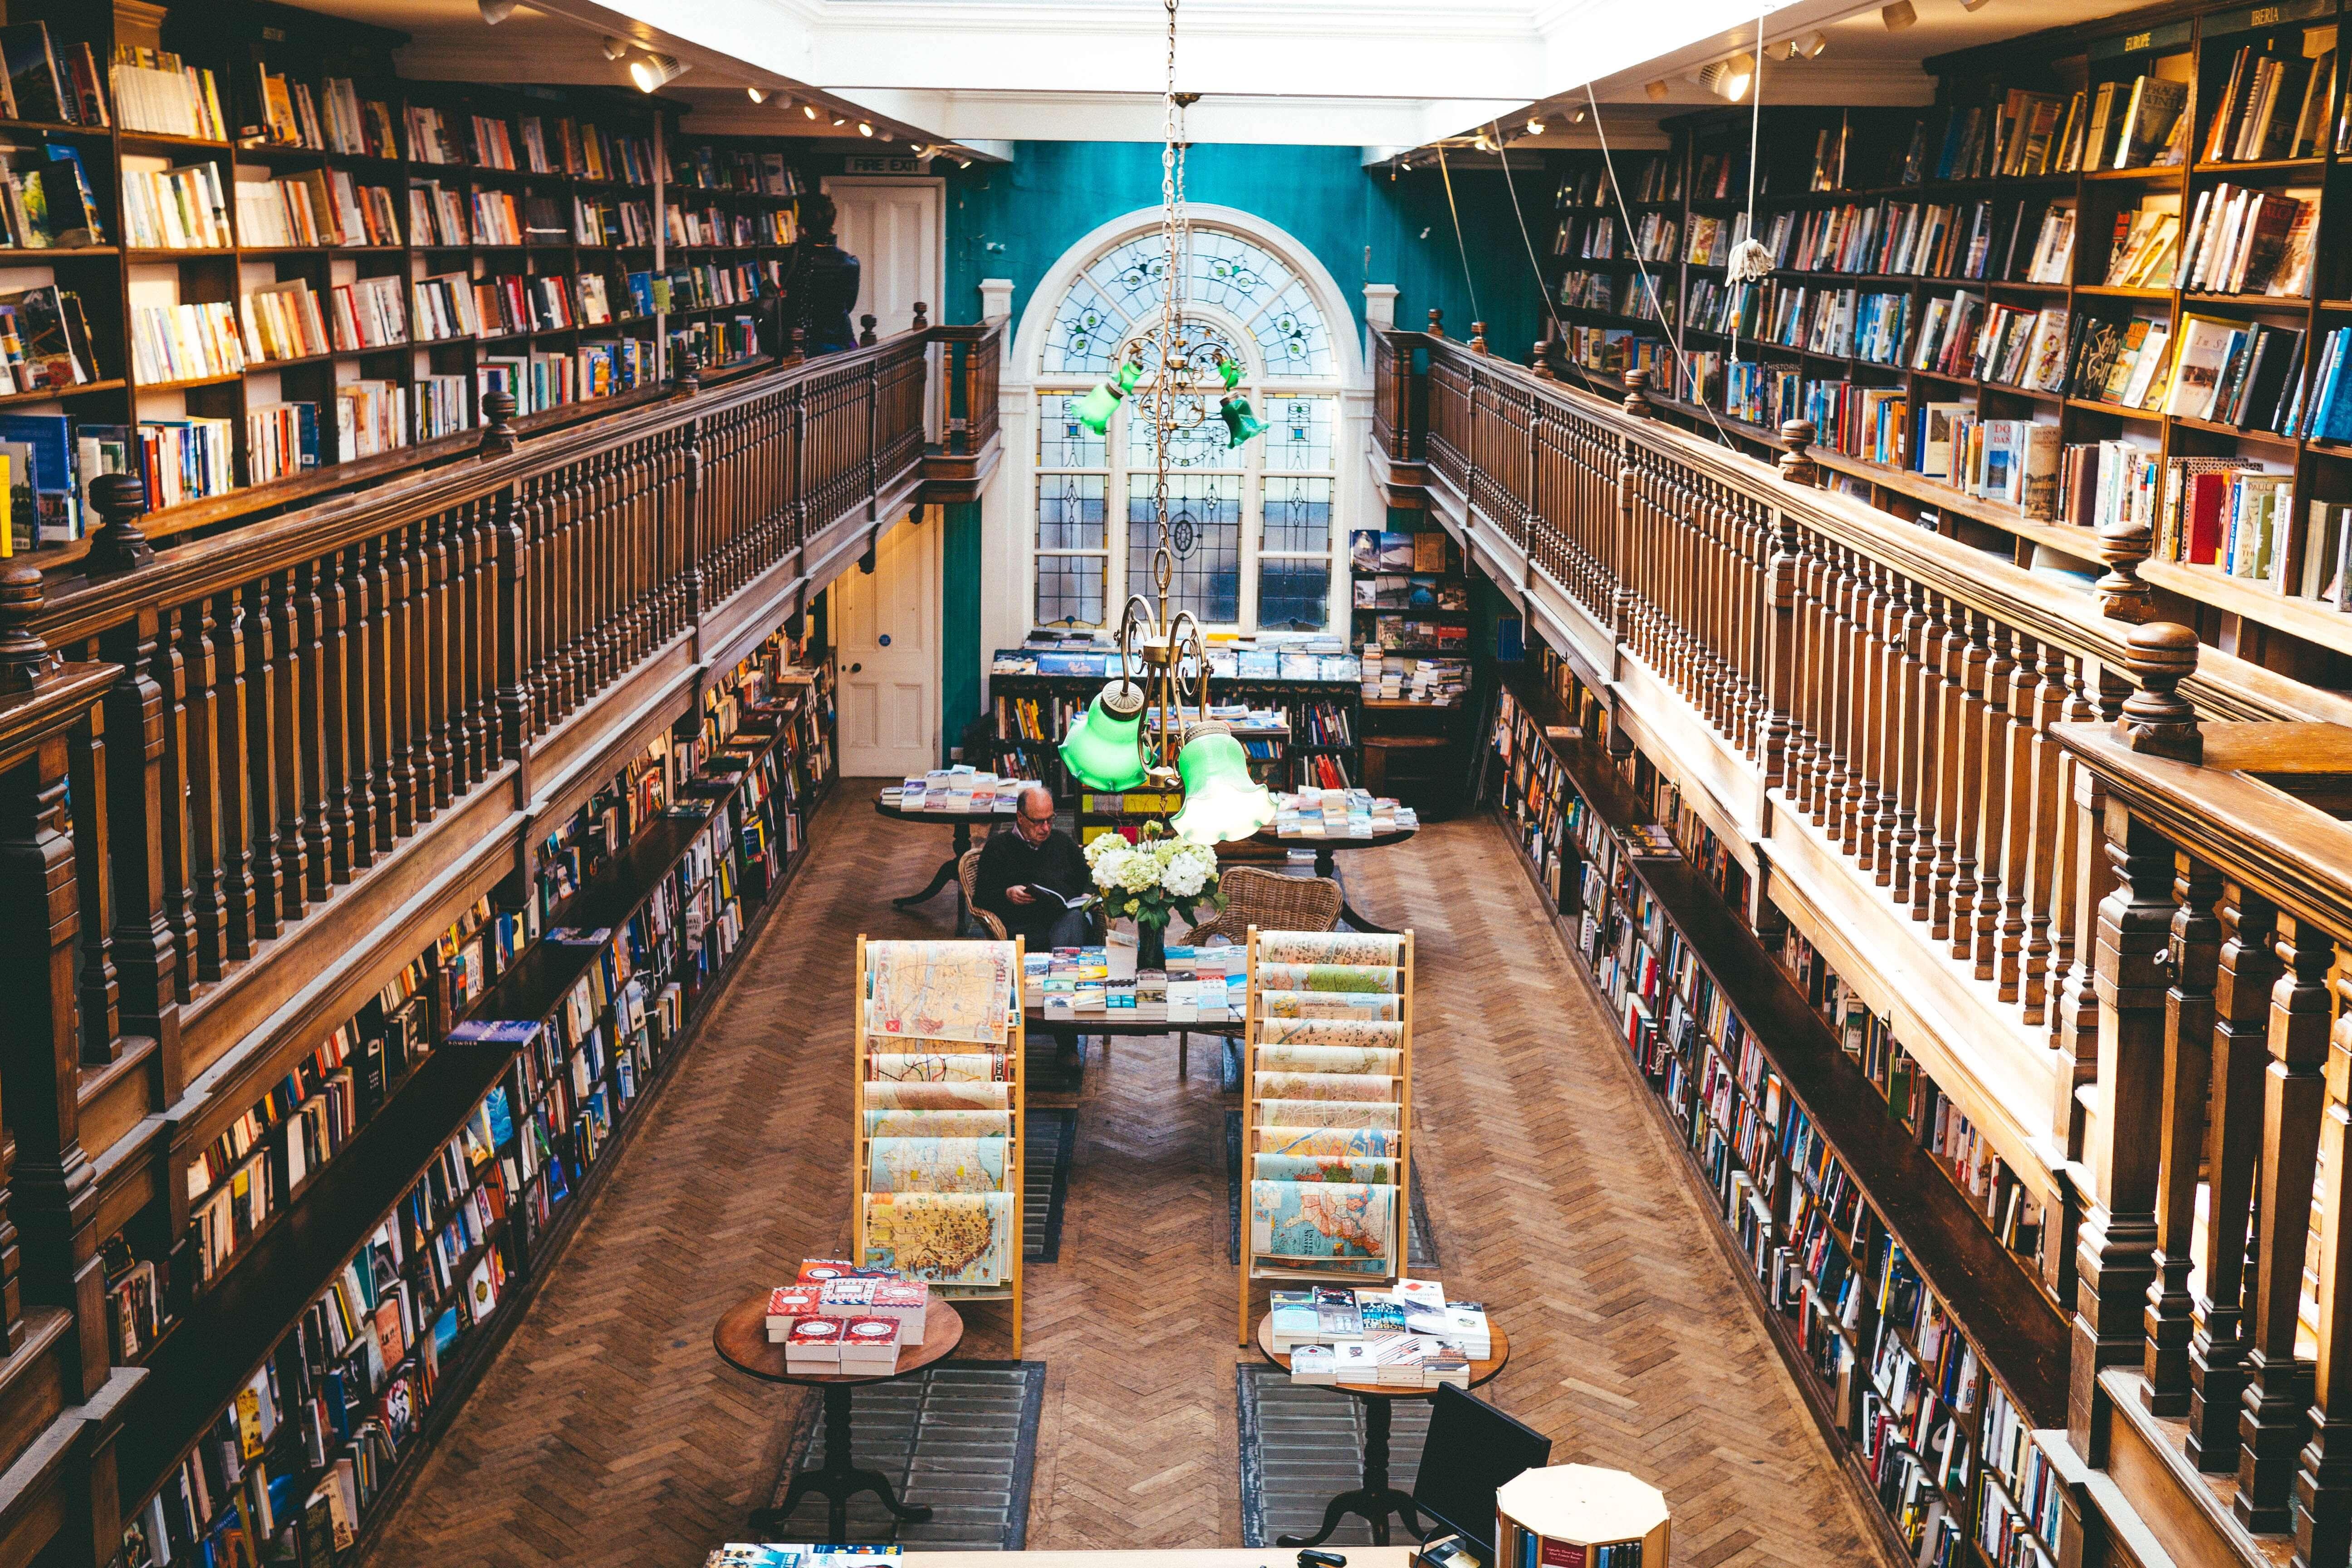 Universiteit bibliotheek